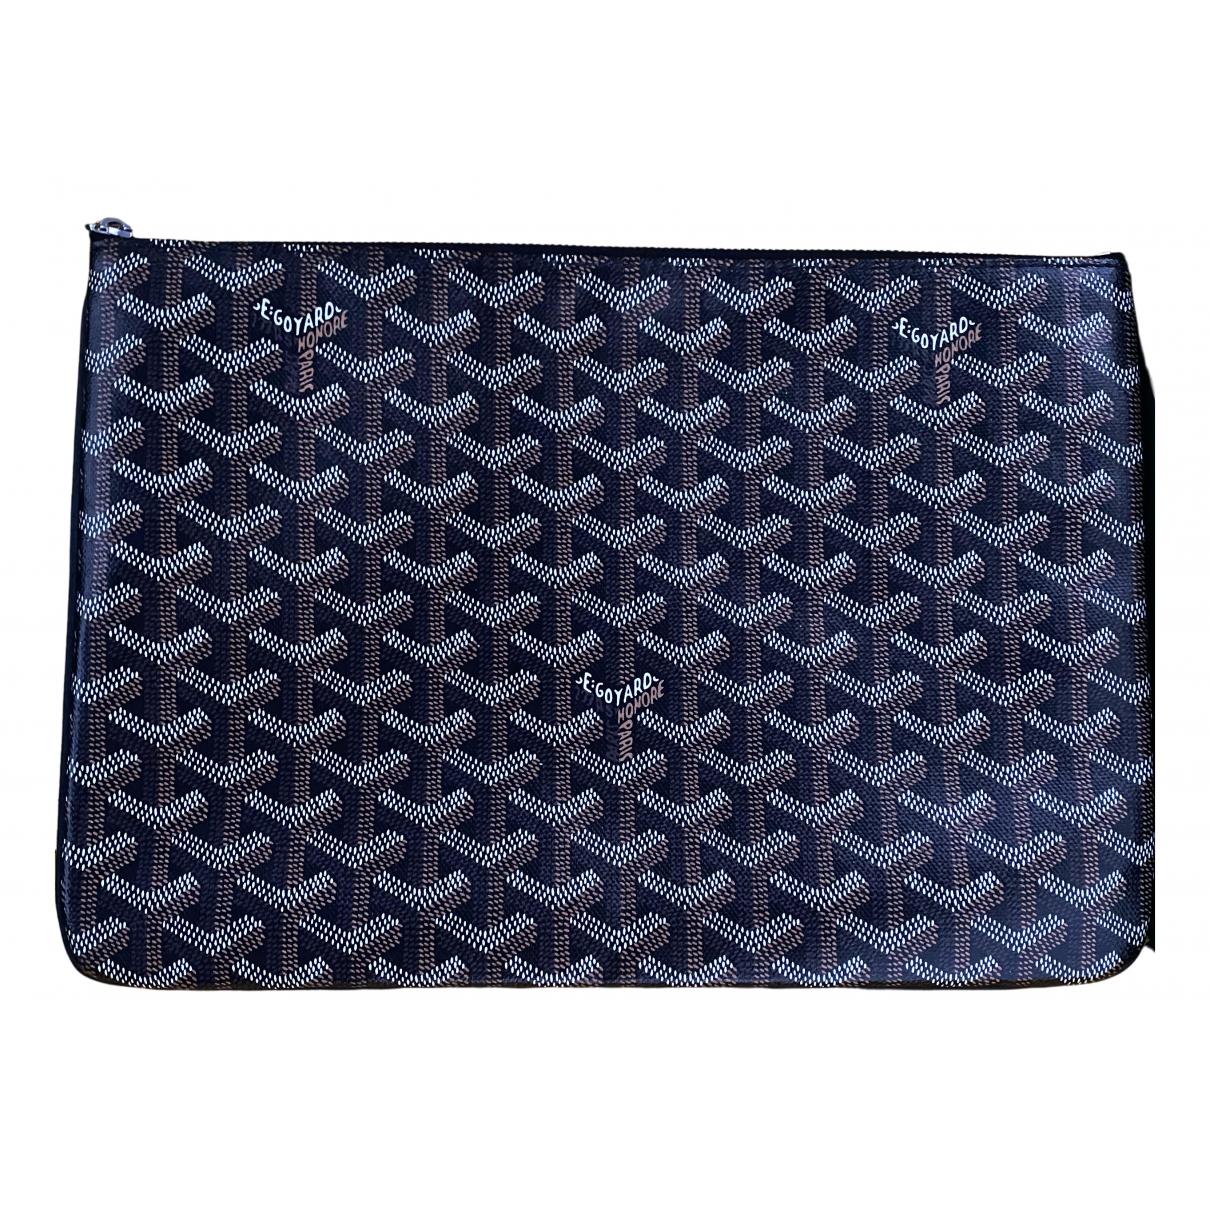 Goyard Sénat Black Cloth Clutch bag for Women \N